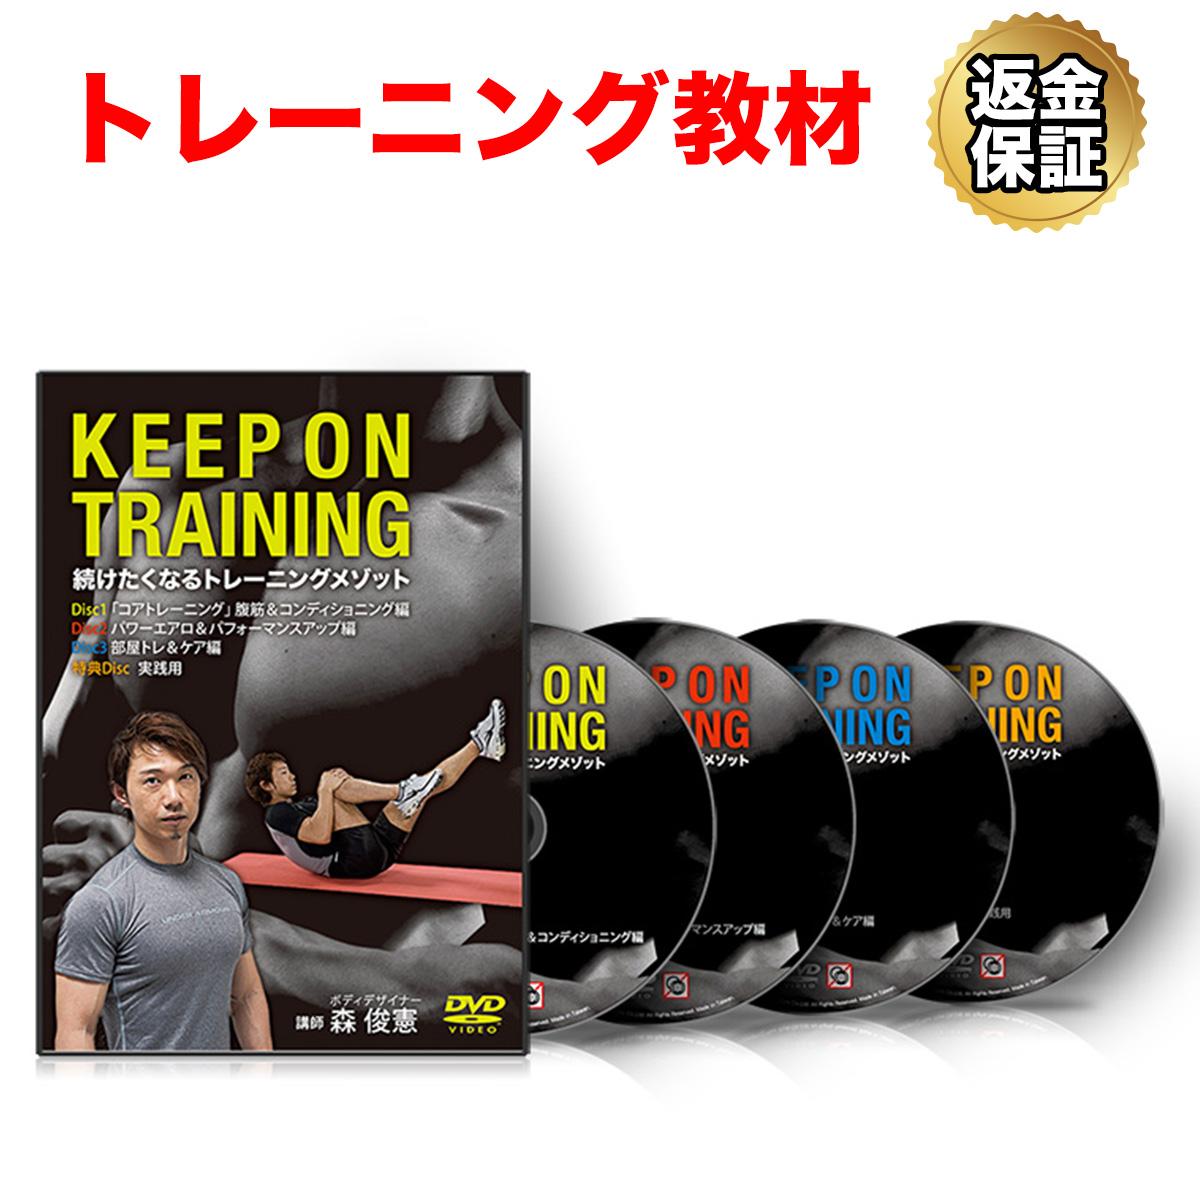 【トレーニング】森俊憲のKEEP ON TRAINING ~続けたくなるトレーニングメゾット~